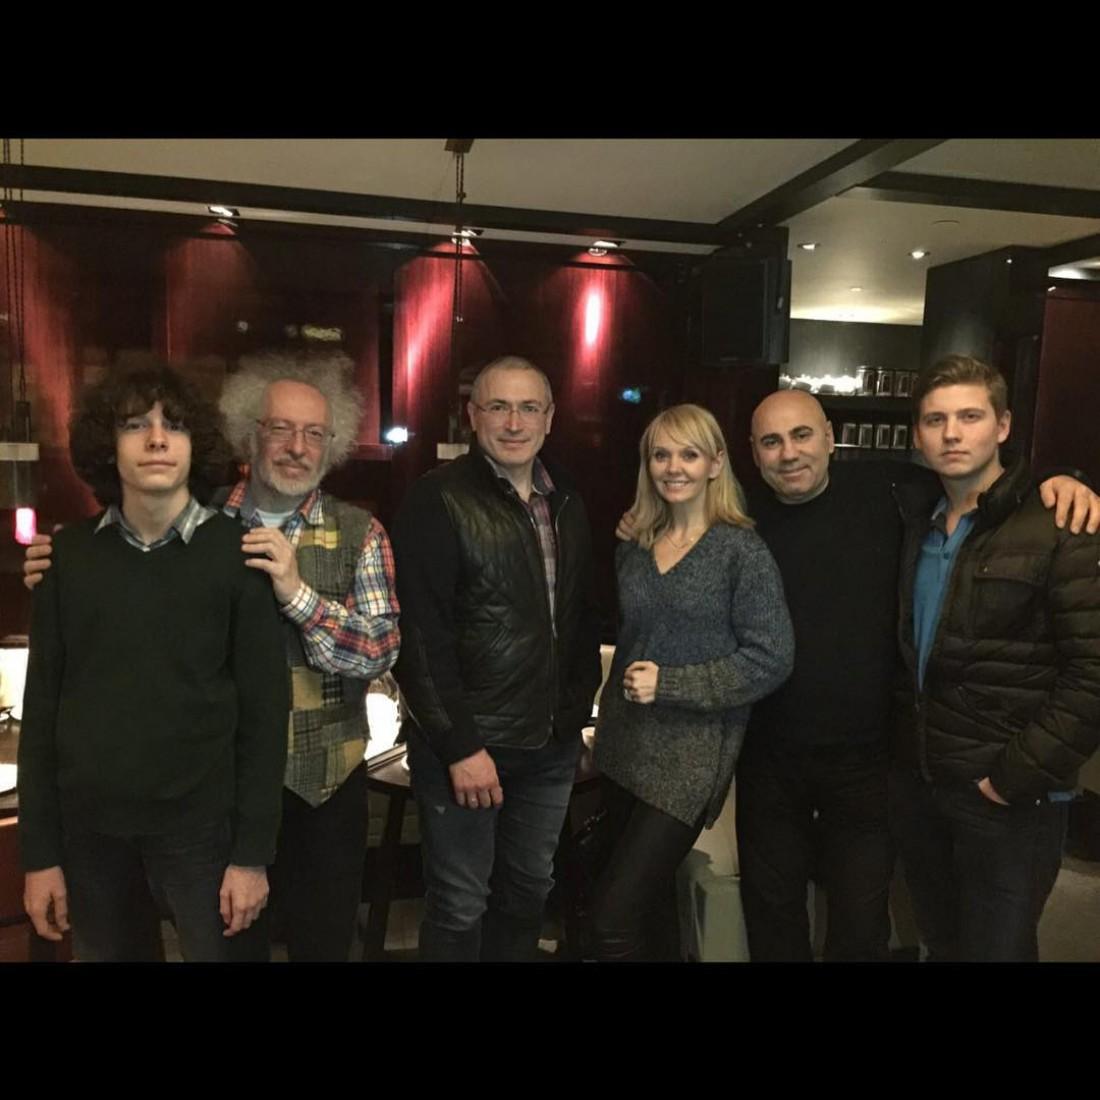 Алексей Венедиктов (второй слева), Михаил Ходорковский (в центре), певица Валерия, Иосиф Пригожин, сын Валерии Артем